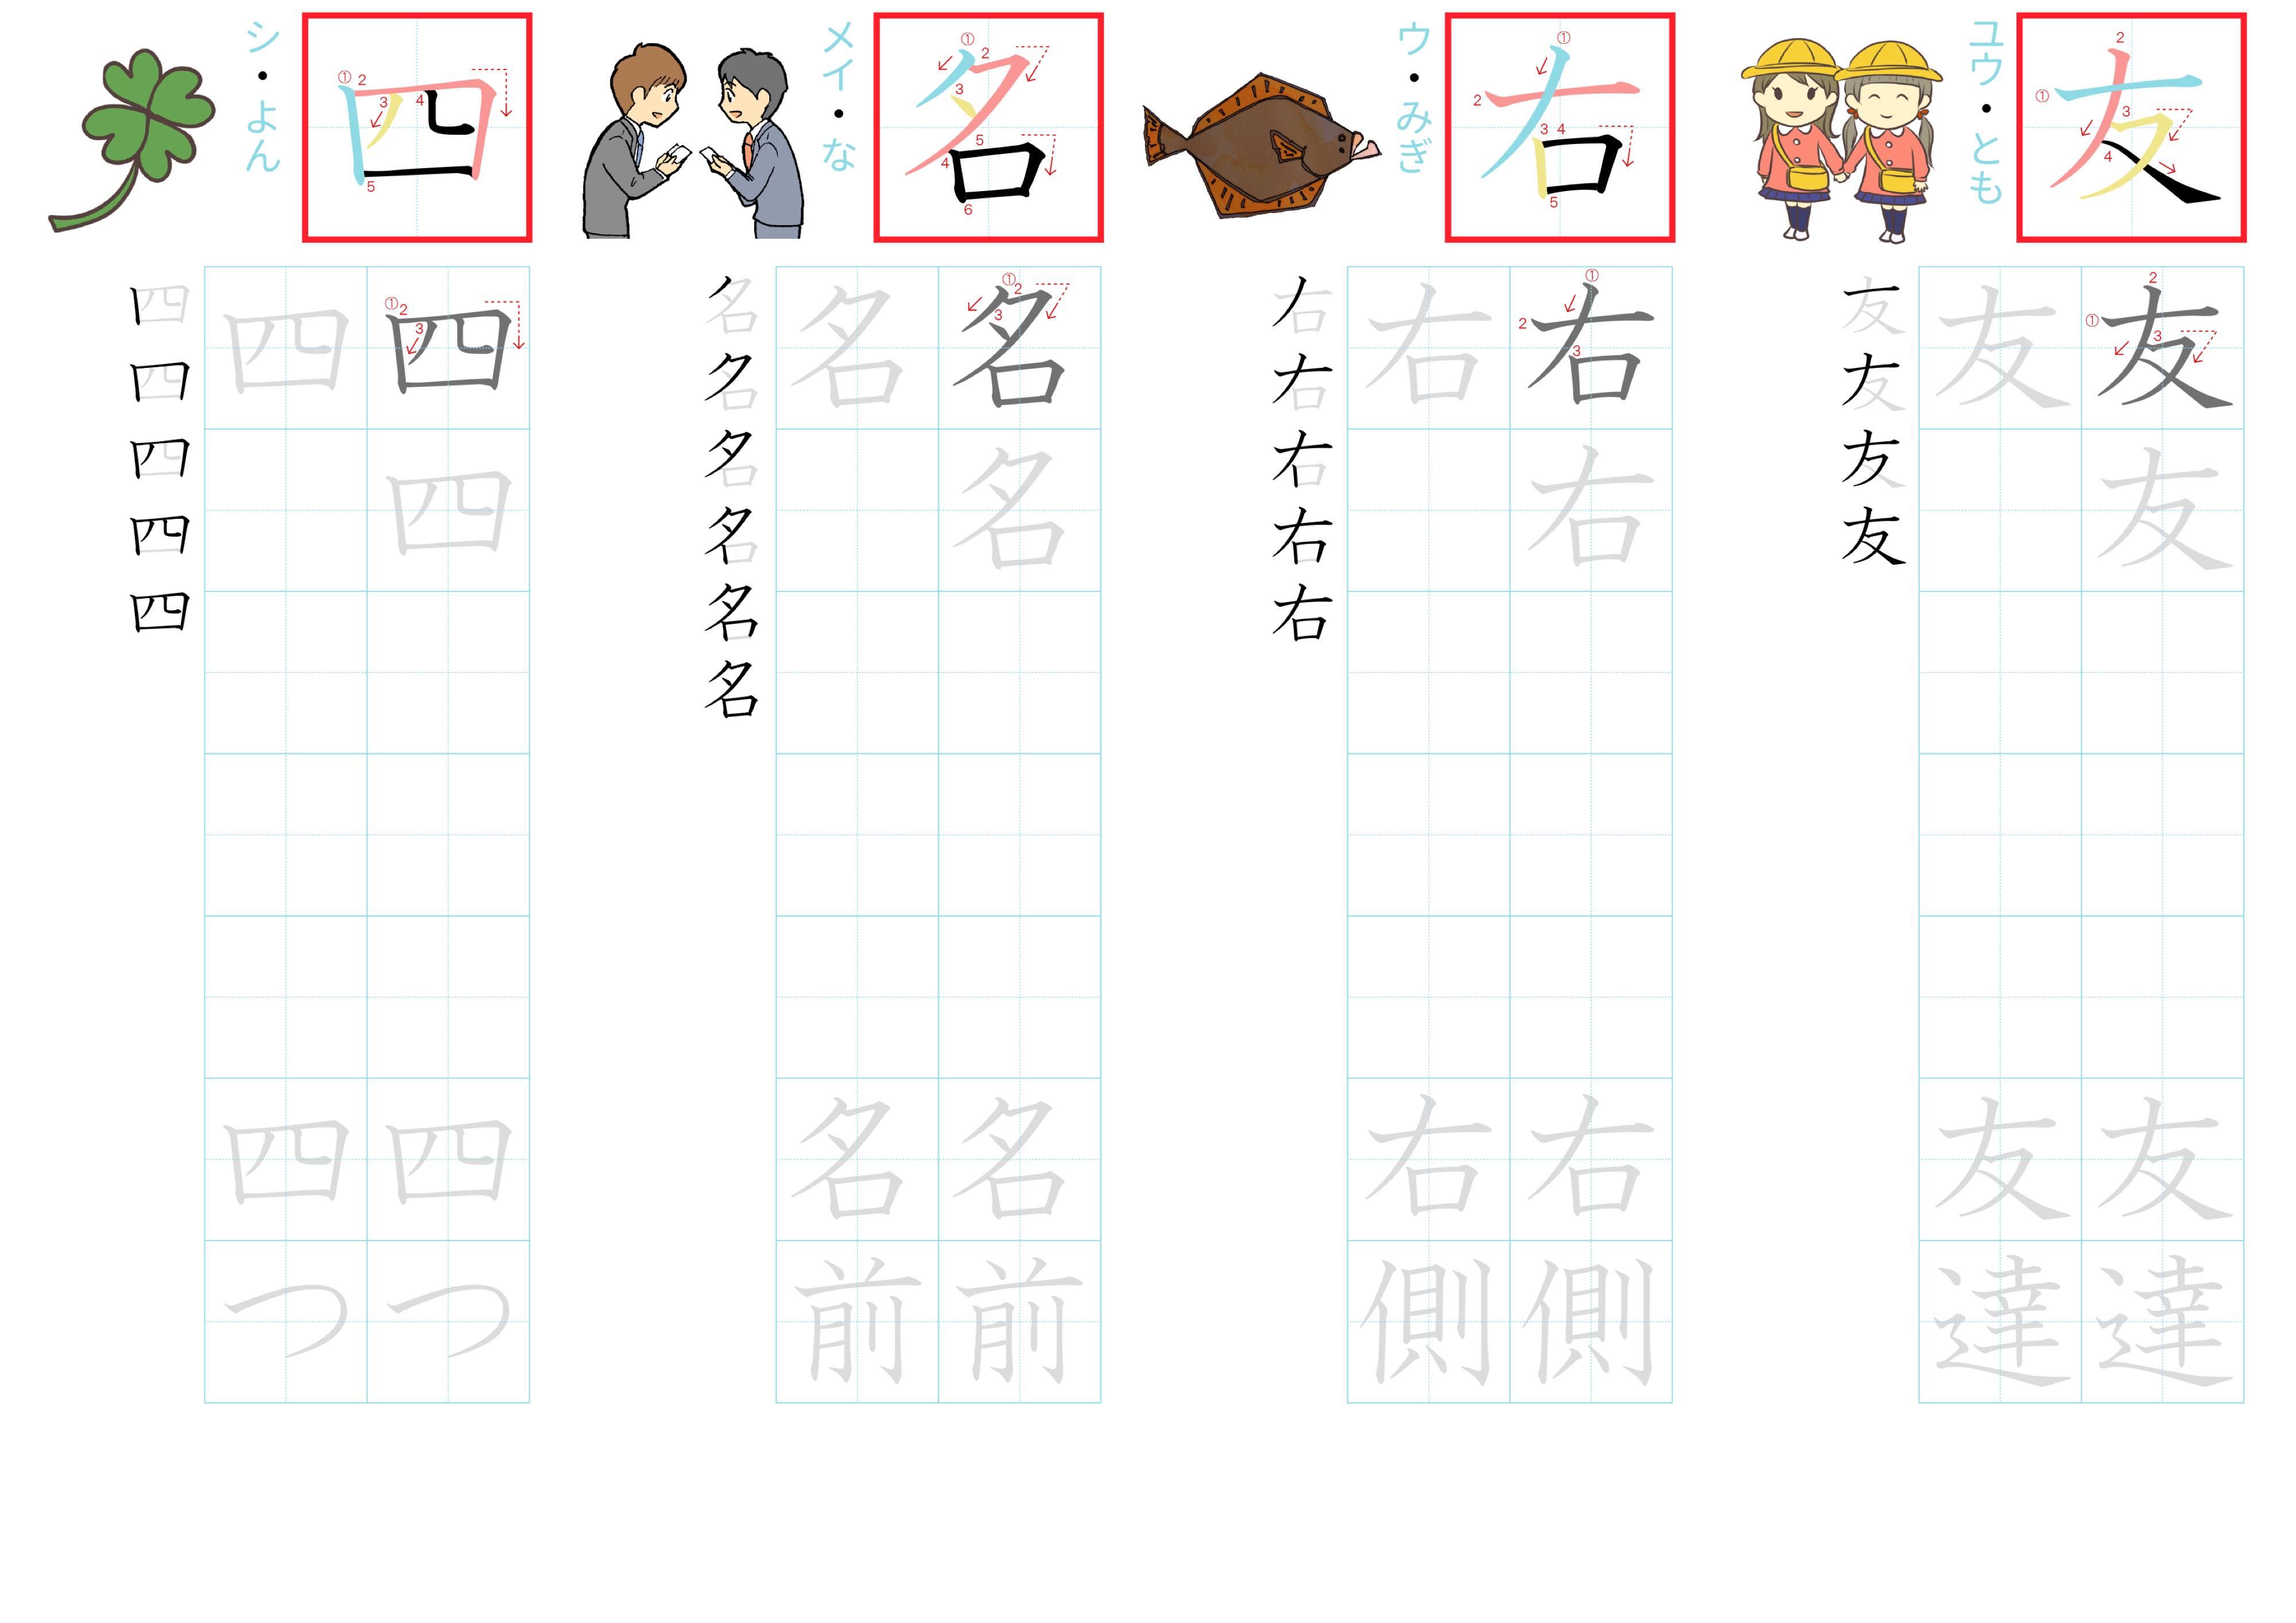 kanji-practice-card-n5-japanese-008